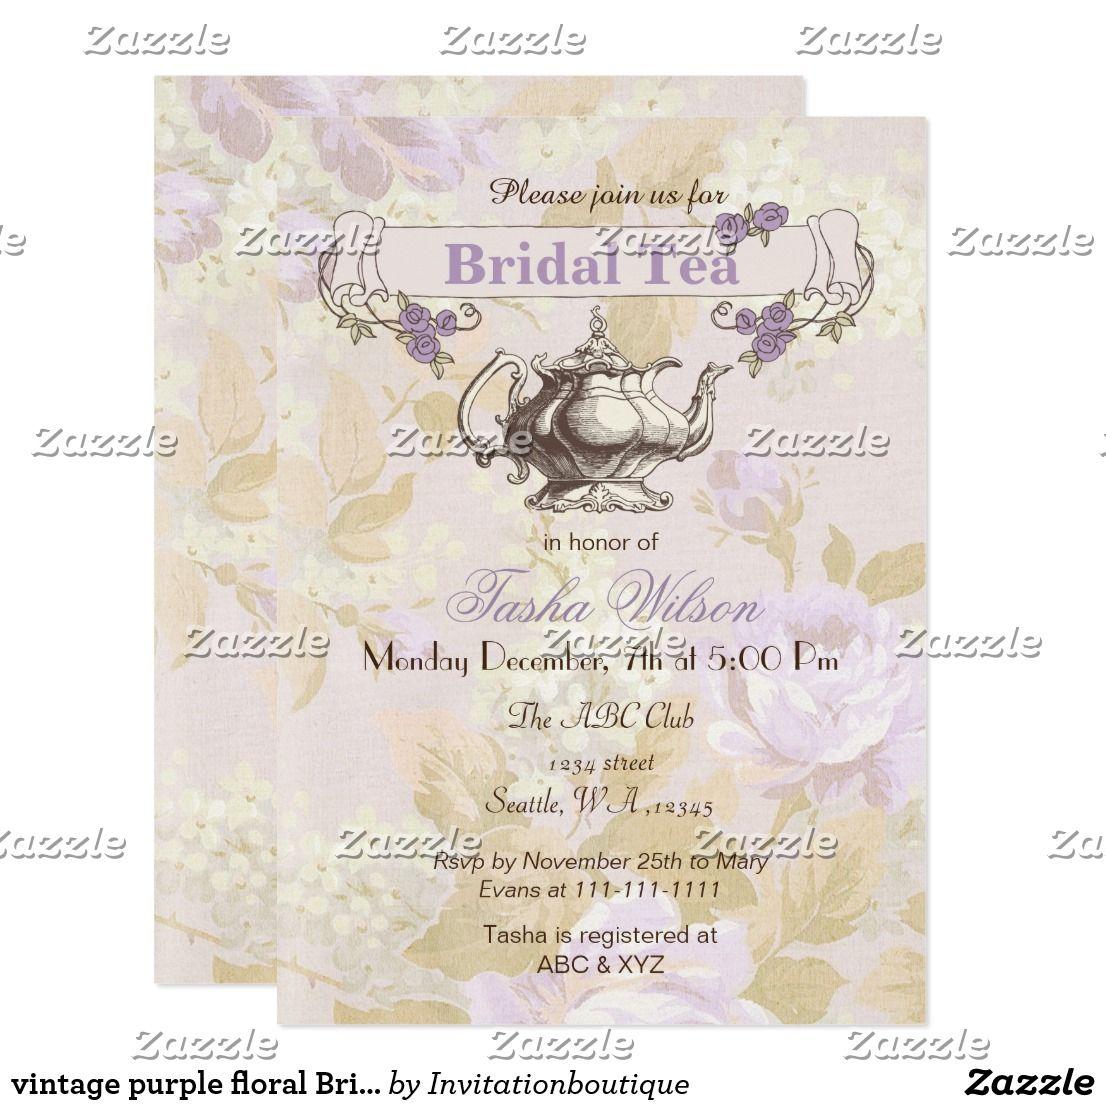 Vintage Purple Floral Bridal Tea Party Invites In 2018 Wedding